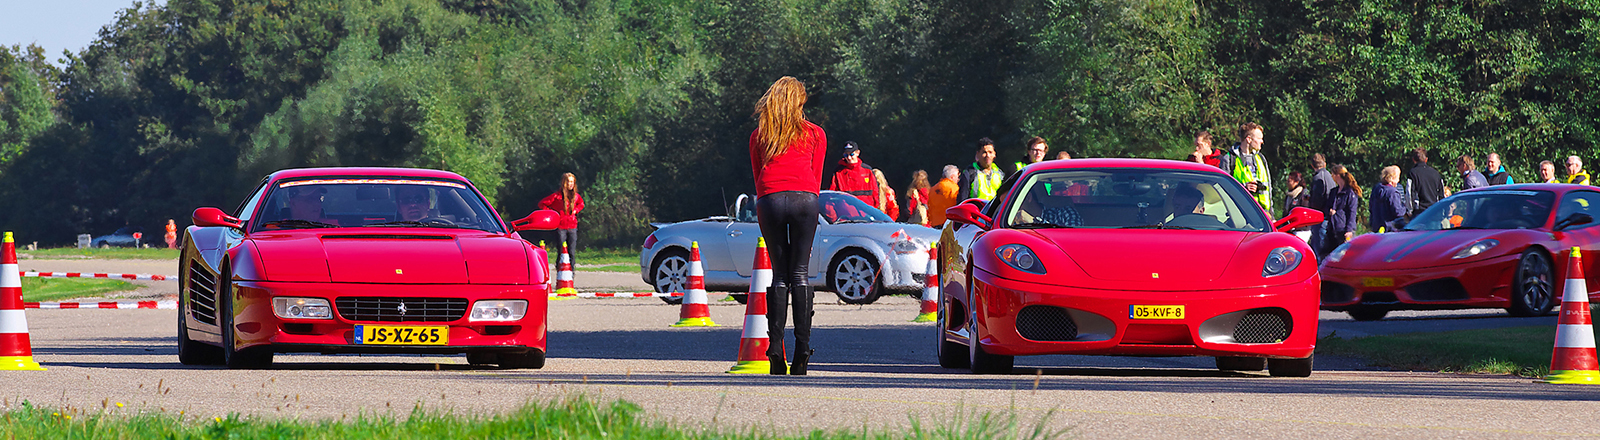 Wydarzenie: FerrariOwnersClubNL Herfstrit